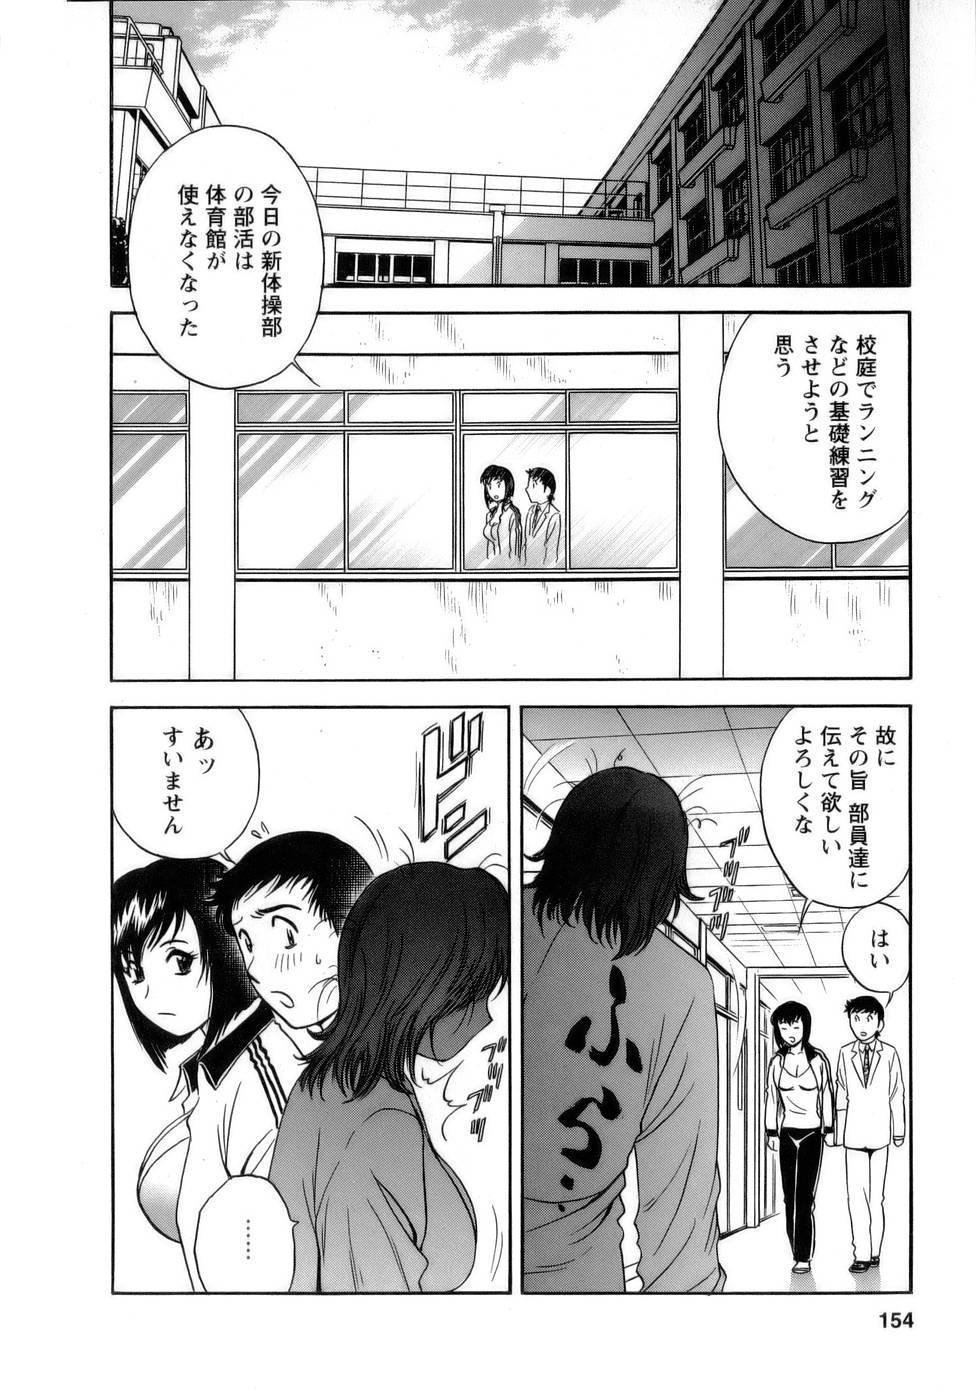 [Hidemaru] Mo-Retsu! Boin Sensei (Boing Boing Teacher) Vol.1 153